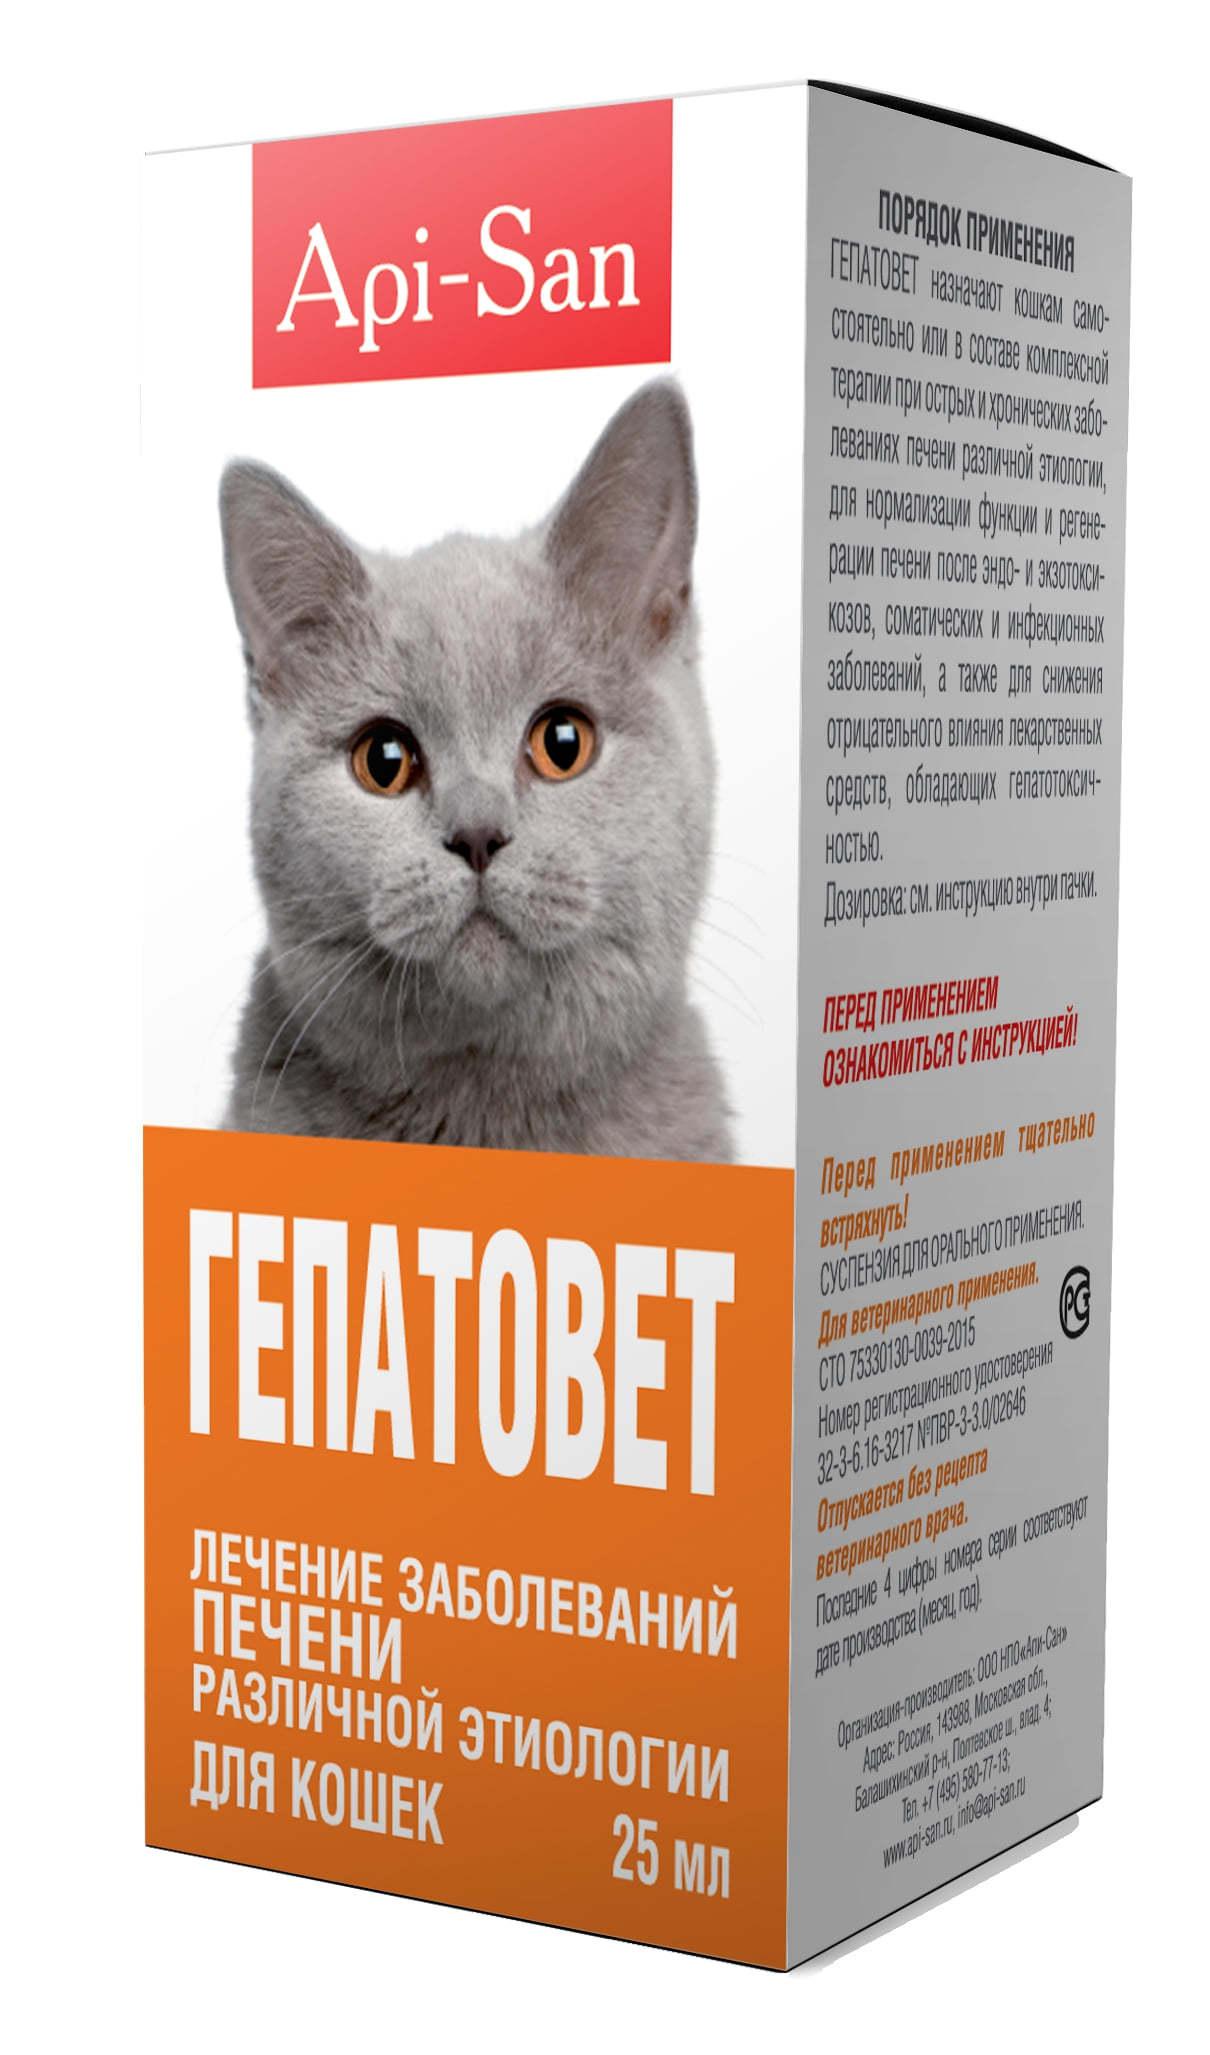 Гепатовет для собак и кошек: инструкция по применению.